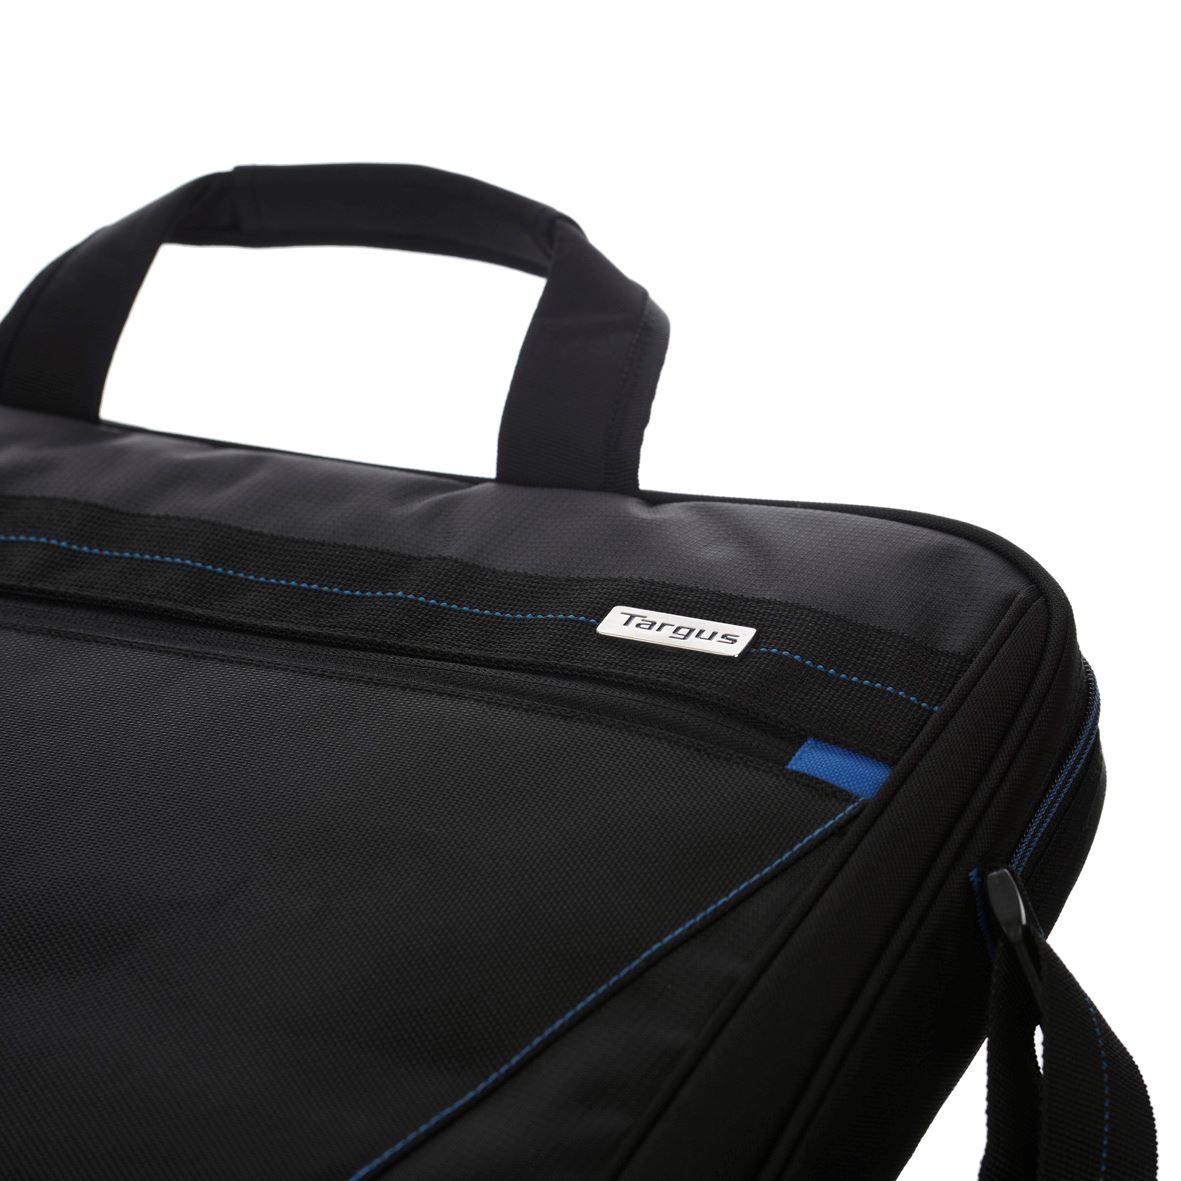 prospect sacoche pour ordinateur portable 15 6 noir. Black Bedroom Furniture Sets. Home Design Ideas